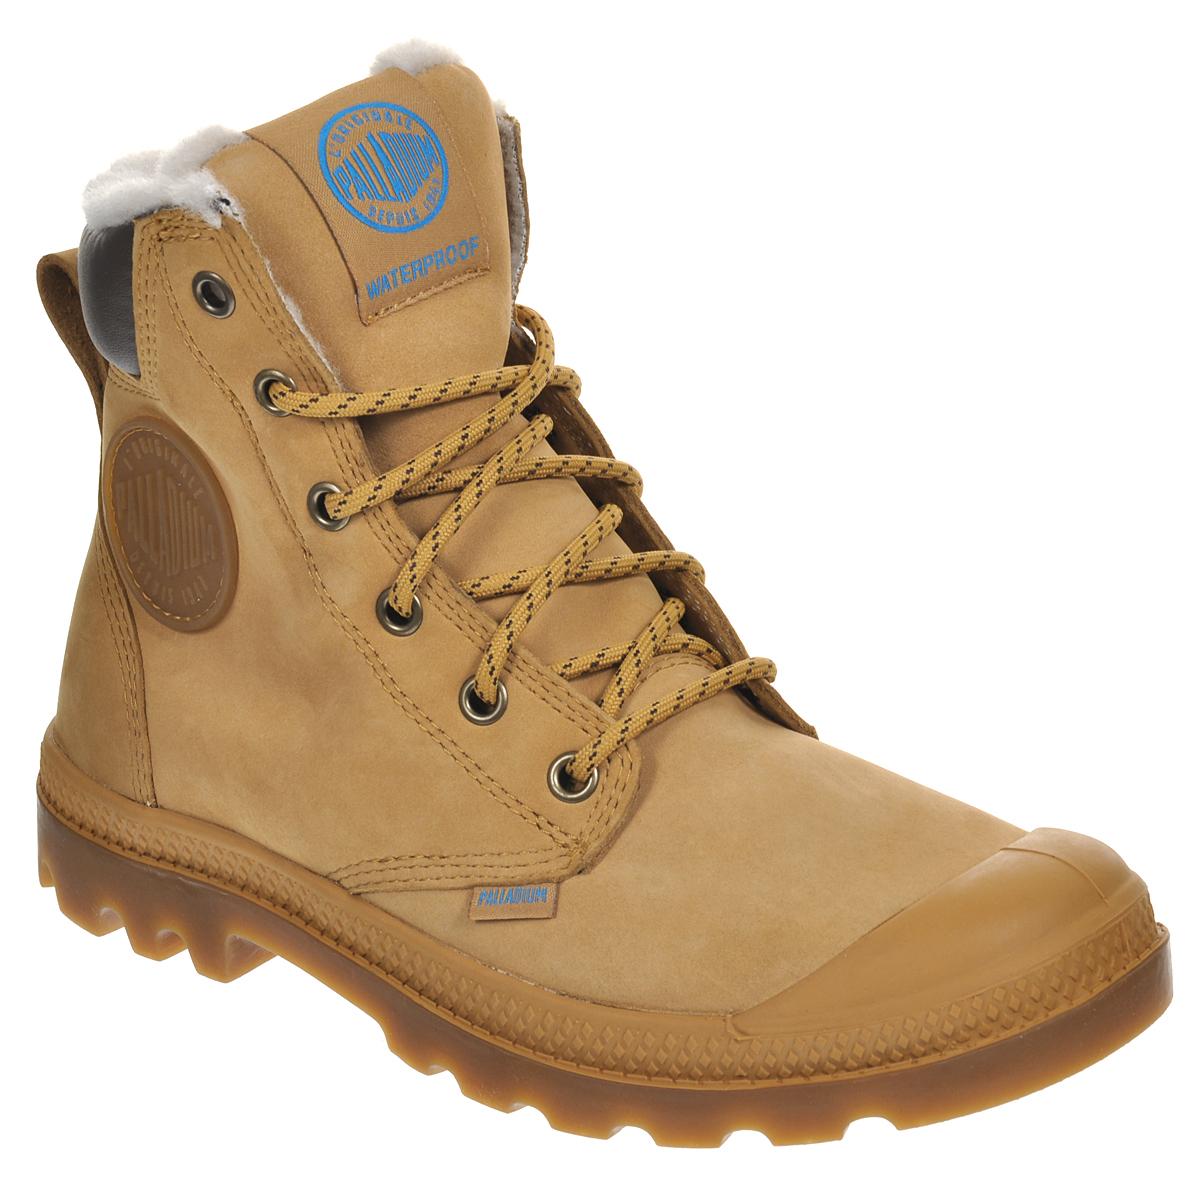 Ботинки Palladium Pampa Sport Cuff WPS, цвет: песочный. 72992-228. Размер 8 (41)72992-228Стильные ботинки Pampa Sport Cuff WPS от Palladium прекрасно подойдут для повседневной носки в холодную погоду. Верх ботинок выполнен из натурального нубука. Подкладка изготовлена из натуральной шерсти, которая сохранит ваши ноги в тепле. Фиксируется модель на ноге при помощи плотной классической шнуровки. Вшитый язычок исключает попадание снега внутрь ботинка и обеспечивает дополнительную теплоизоляцию. Прорезиненный мысок и кант защитят от влаги и позволят продлить срок службы изделия.Стелька EVA для амортизации и комфорта при ходьбе. Резиновая подошва с глубоким протектором обеспечивает превосходное сцепление на любой поверхности. Оформлена модель вставкой из искусственной кожи, сбоку прорезиненной нашивкой с логотипом Palladium, а на язычке нашивкой с названием бренда.Такие ботинки будут прекрасно сочетаться с различными вещами вашего гардероба. Они подчеркнут ваш стиль и индивидуальность!